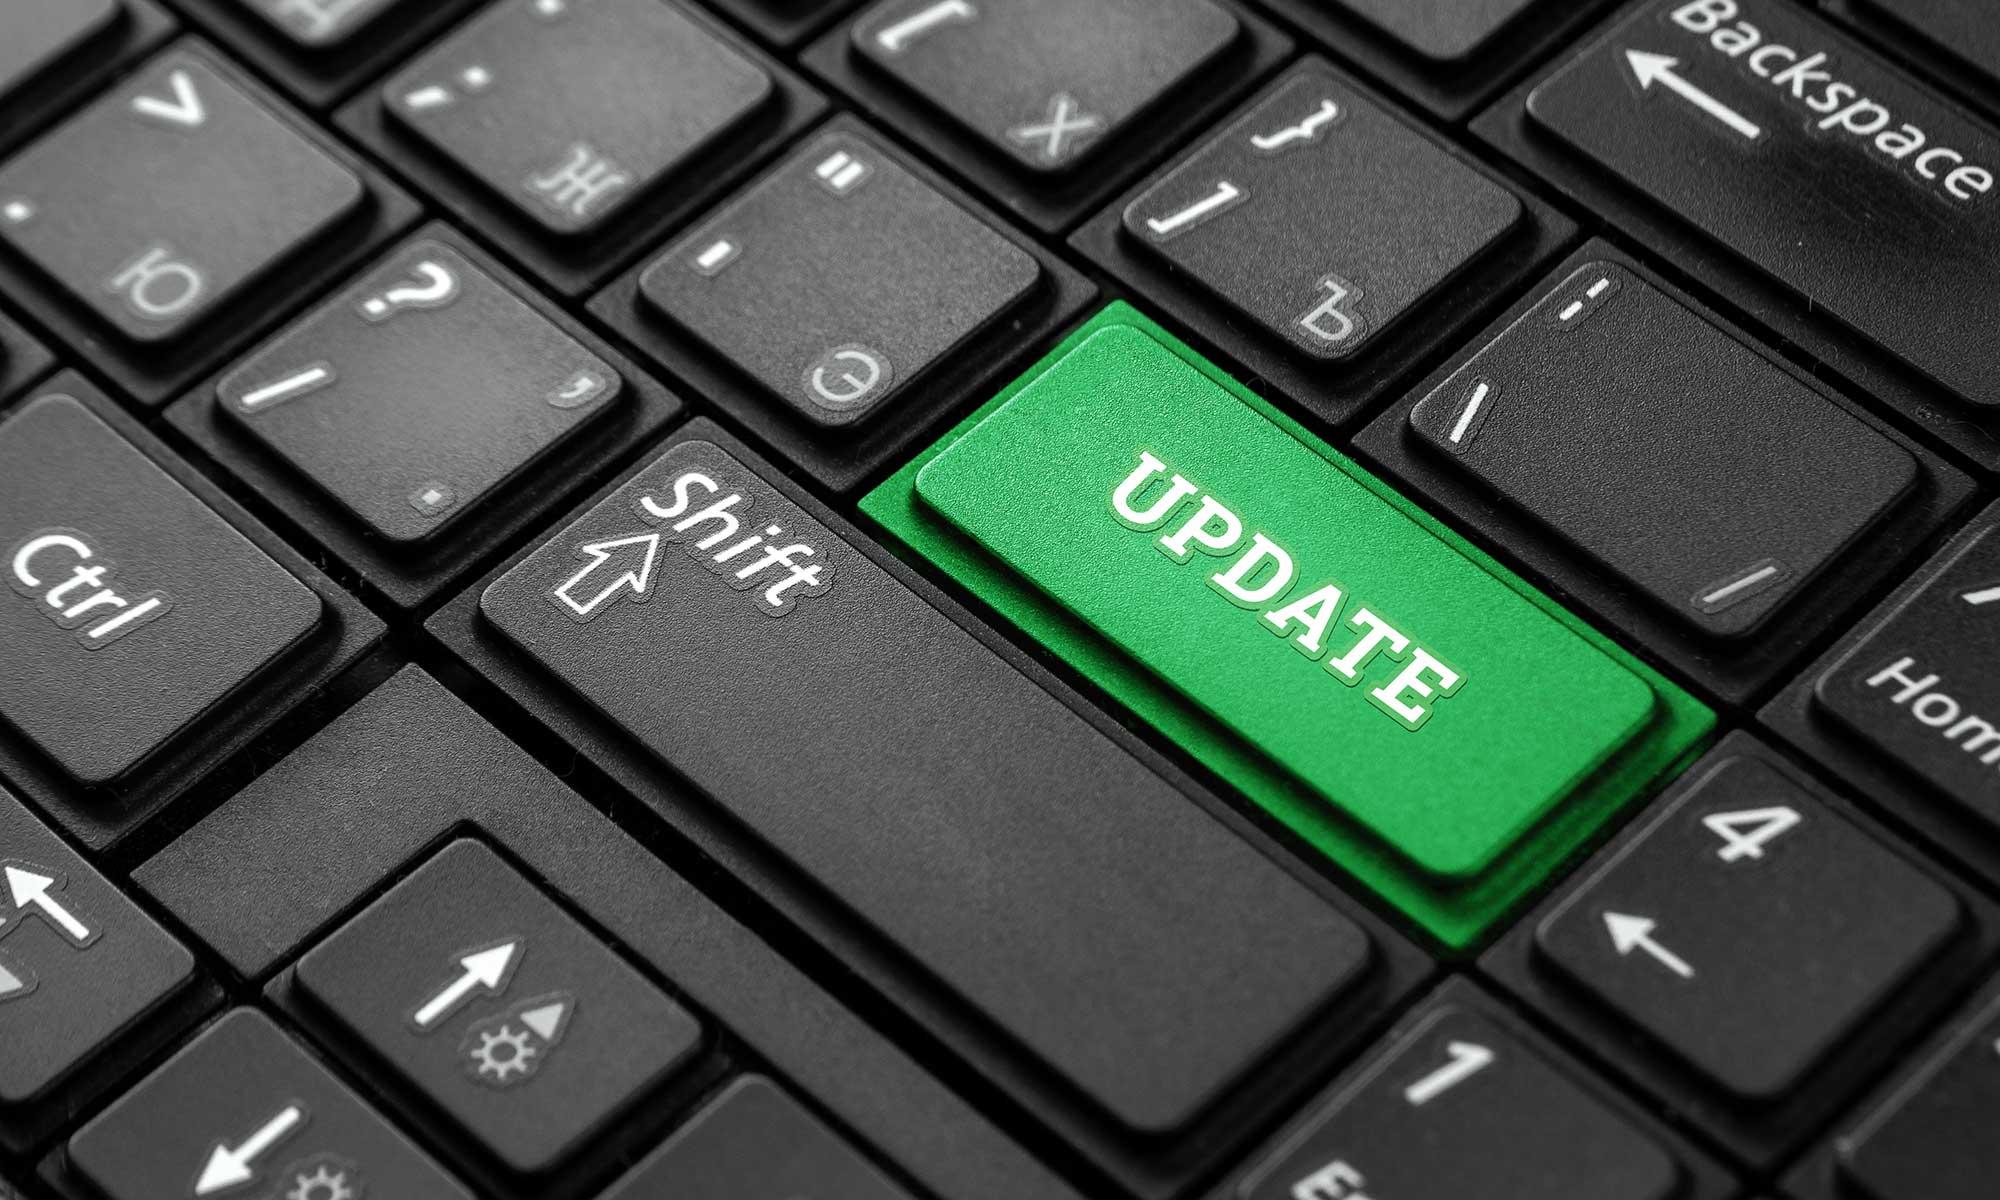 Toetsenbord met updateknop